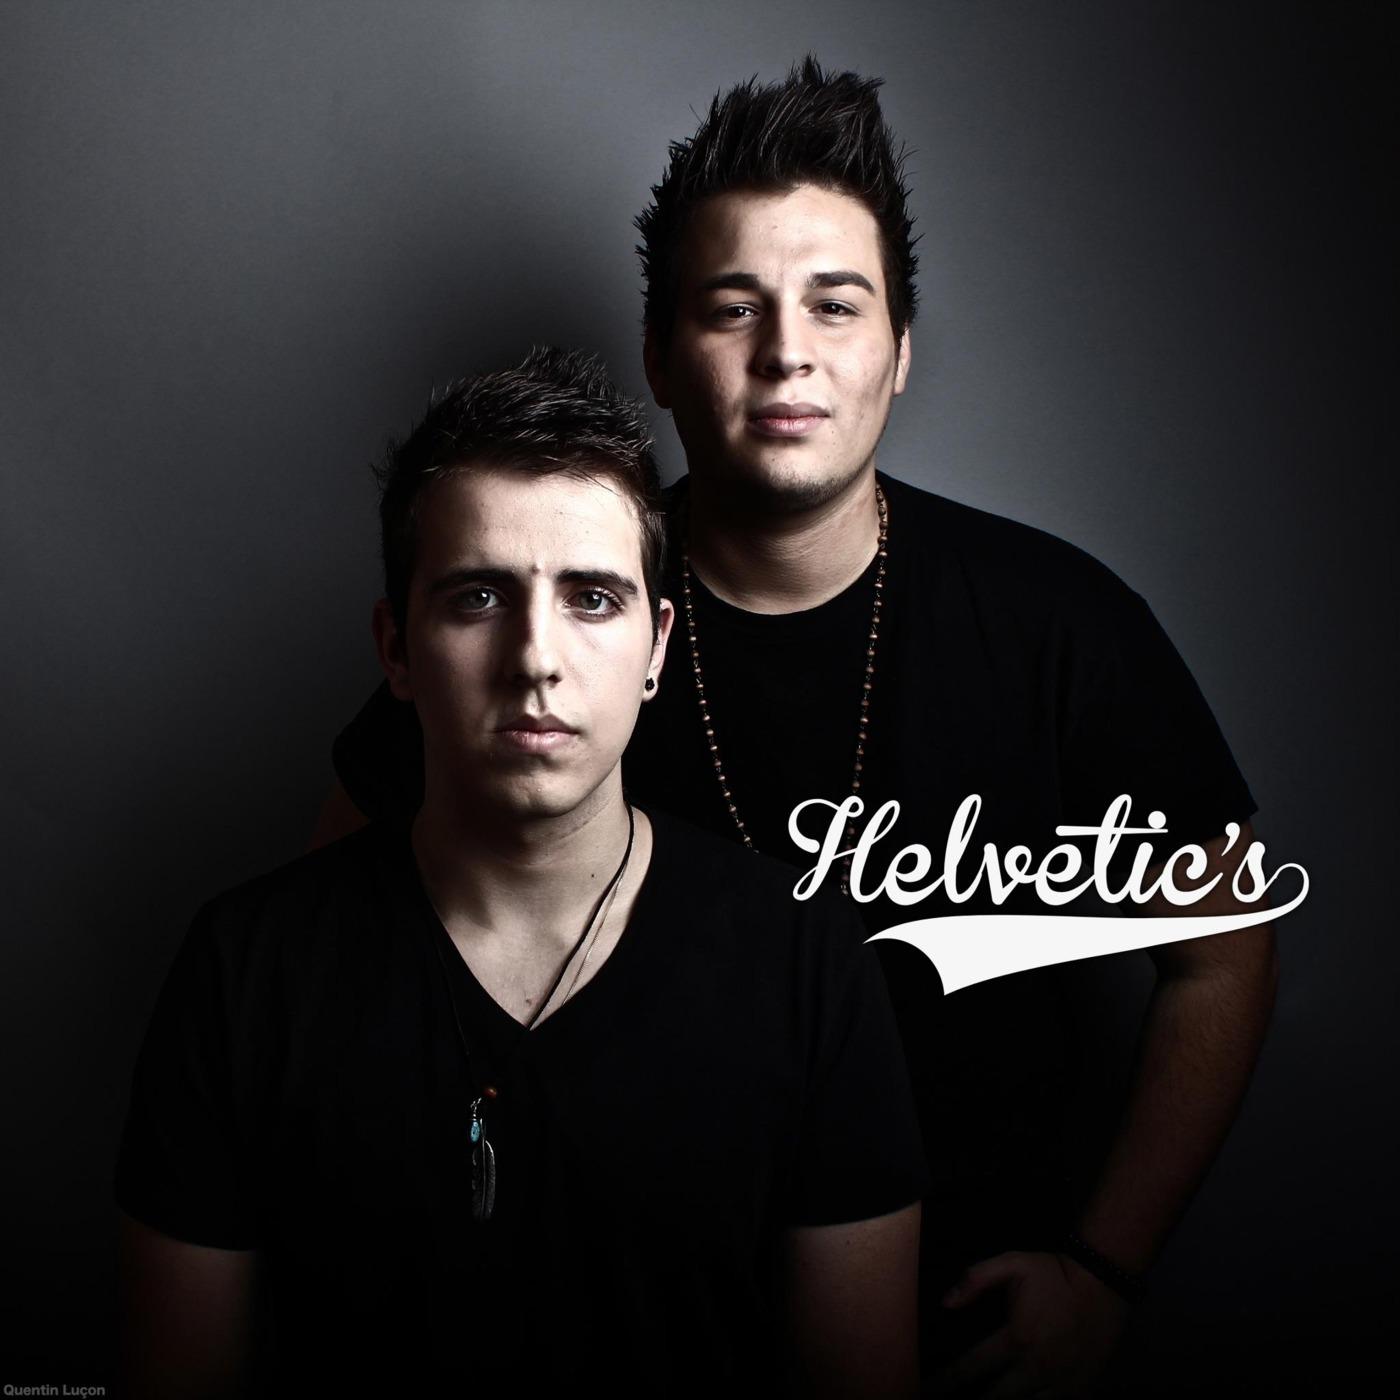 Helvetic's